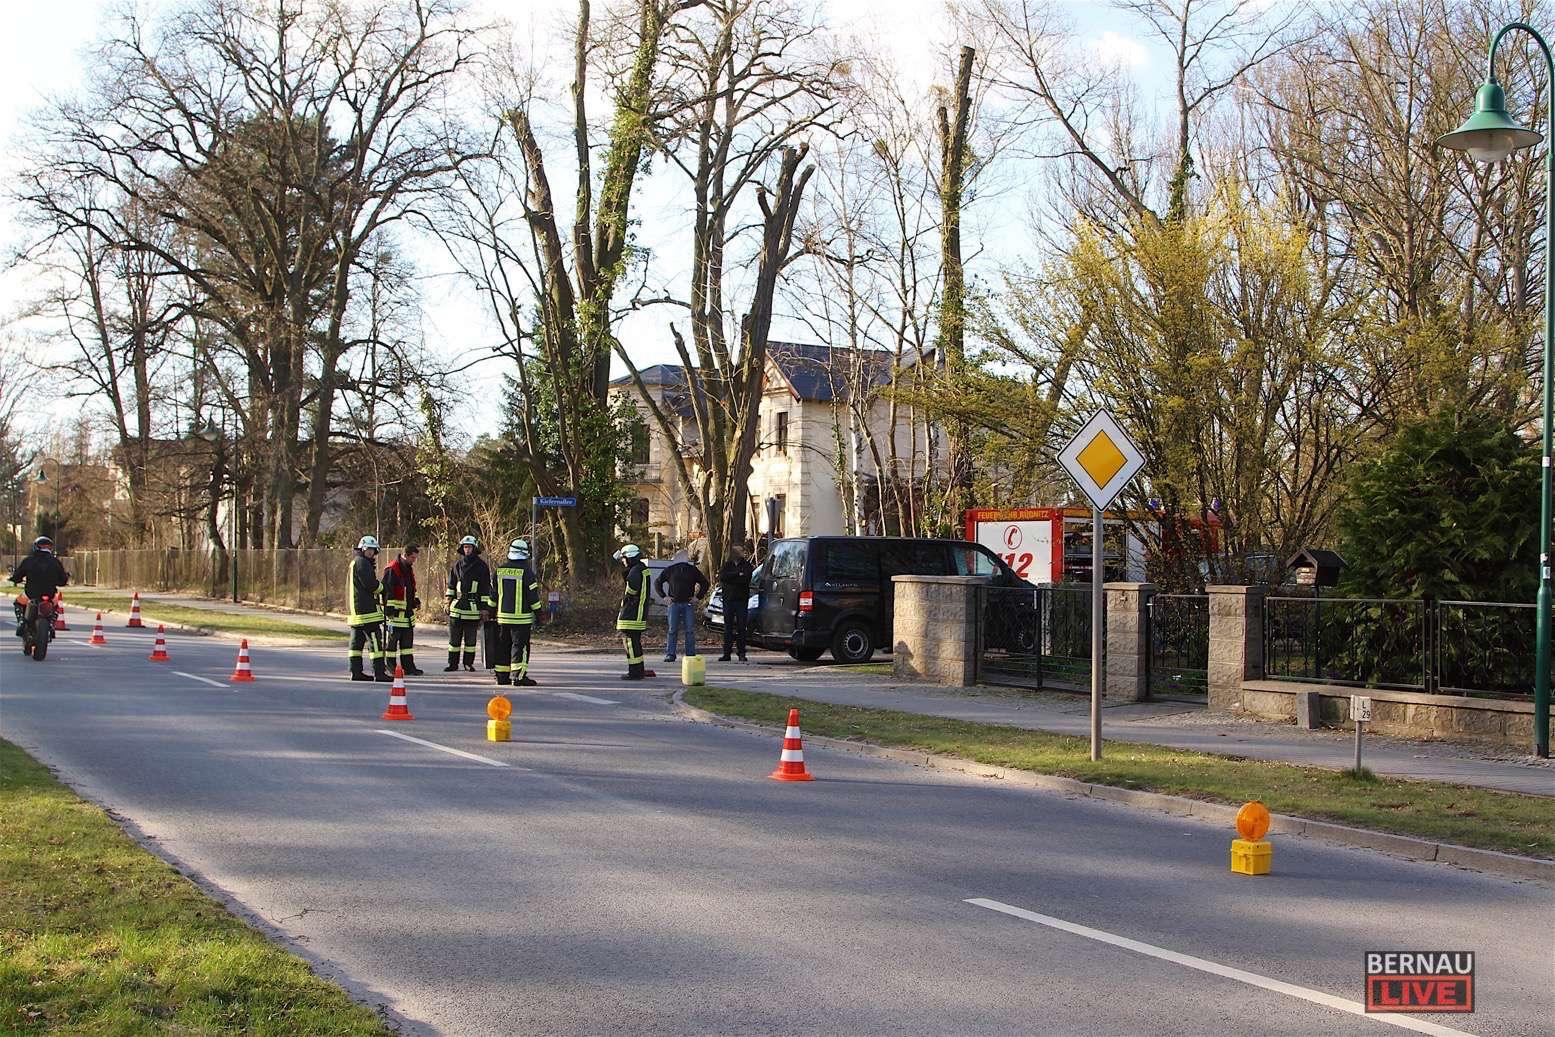 Schwerer Motorradunfall in der Bahnhofstraße in Biesenthal